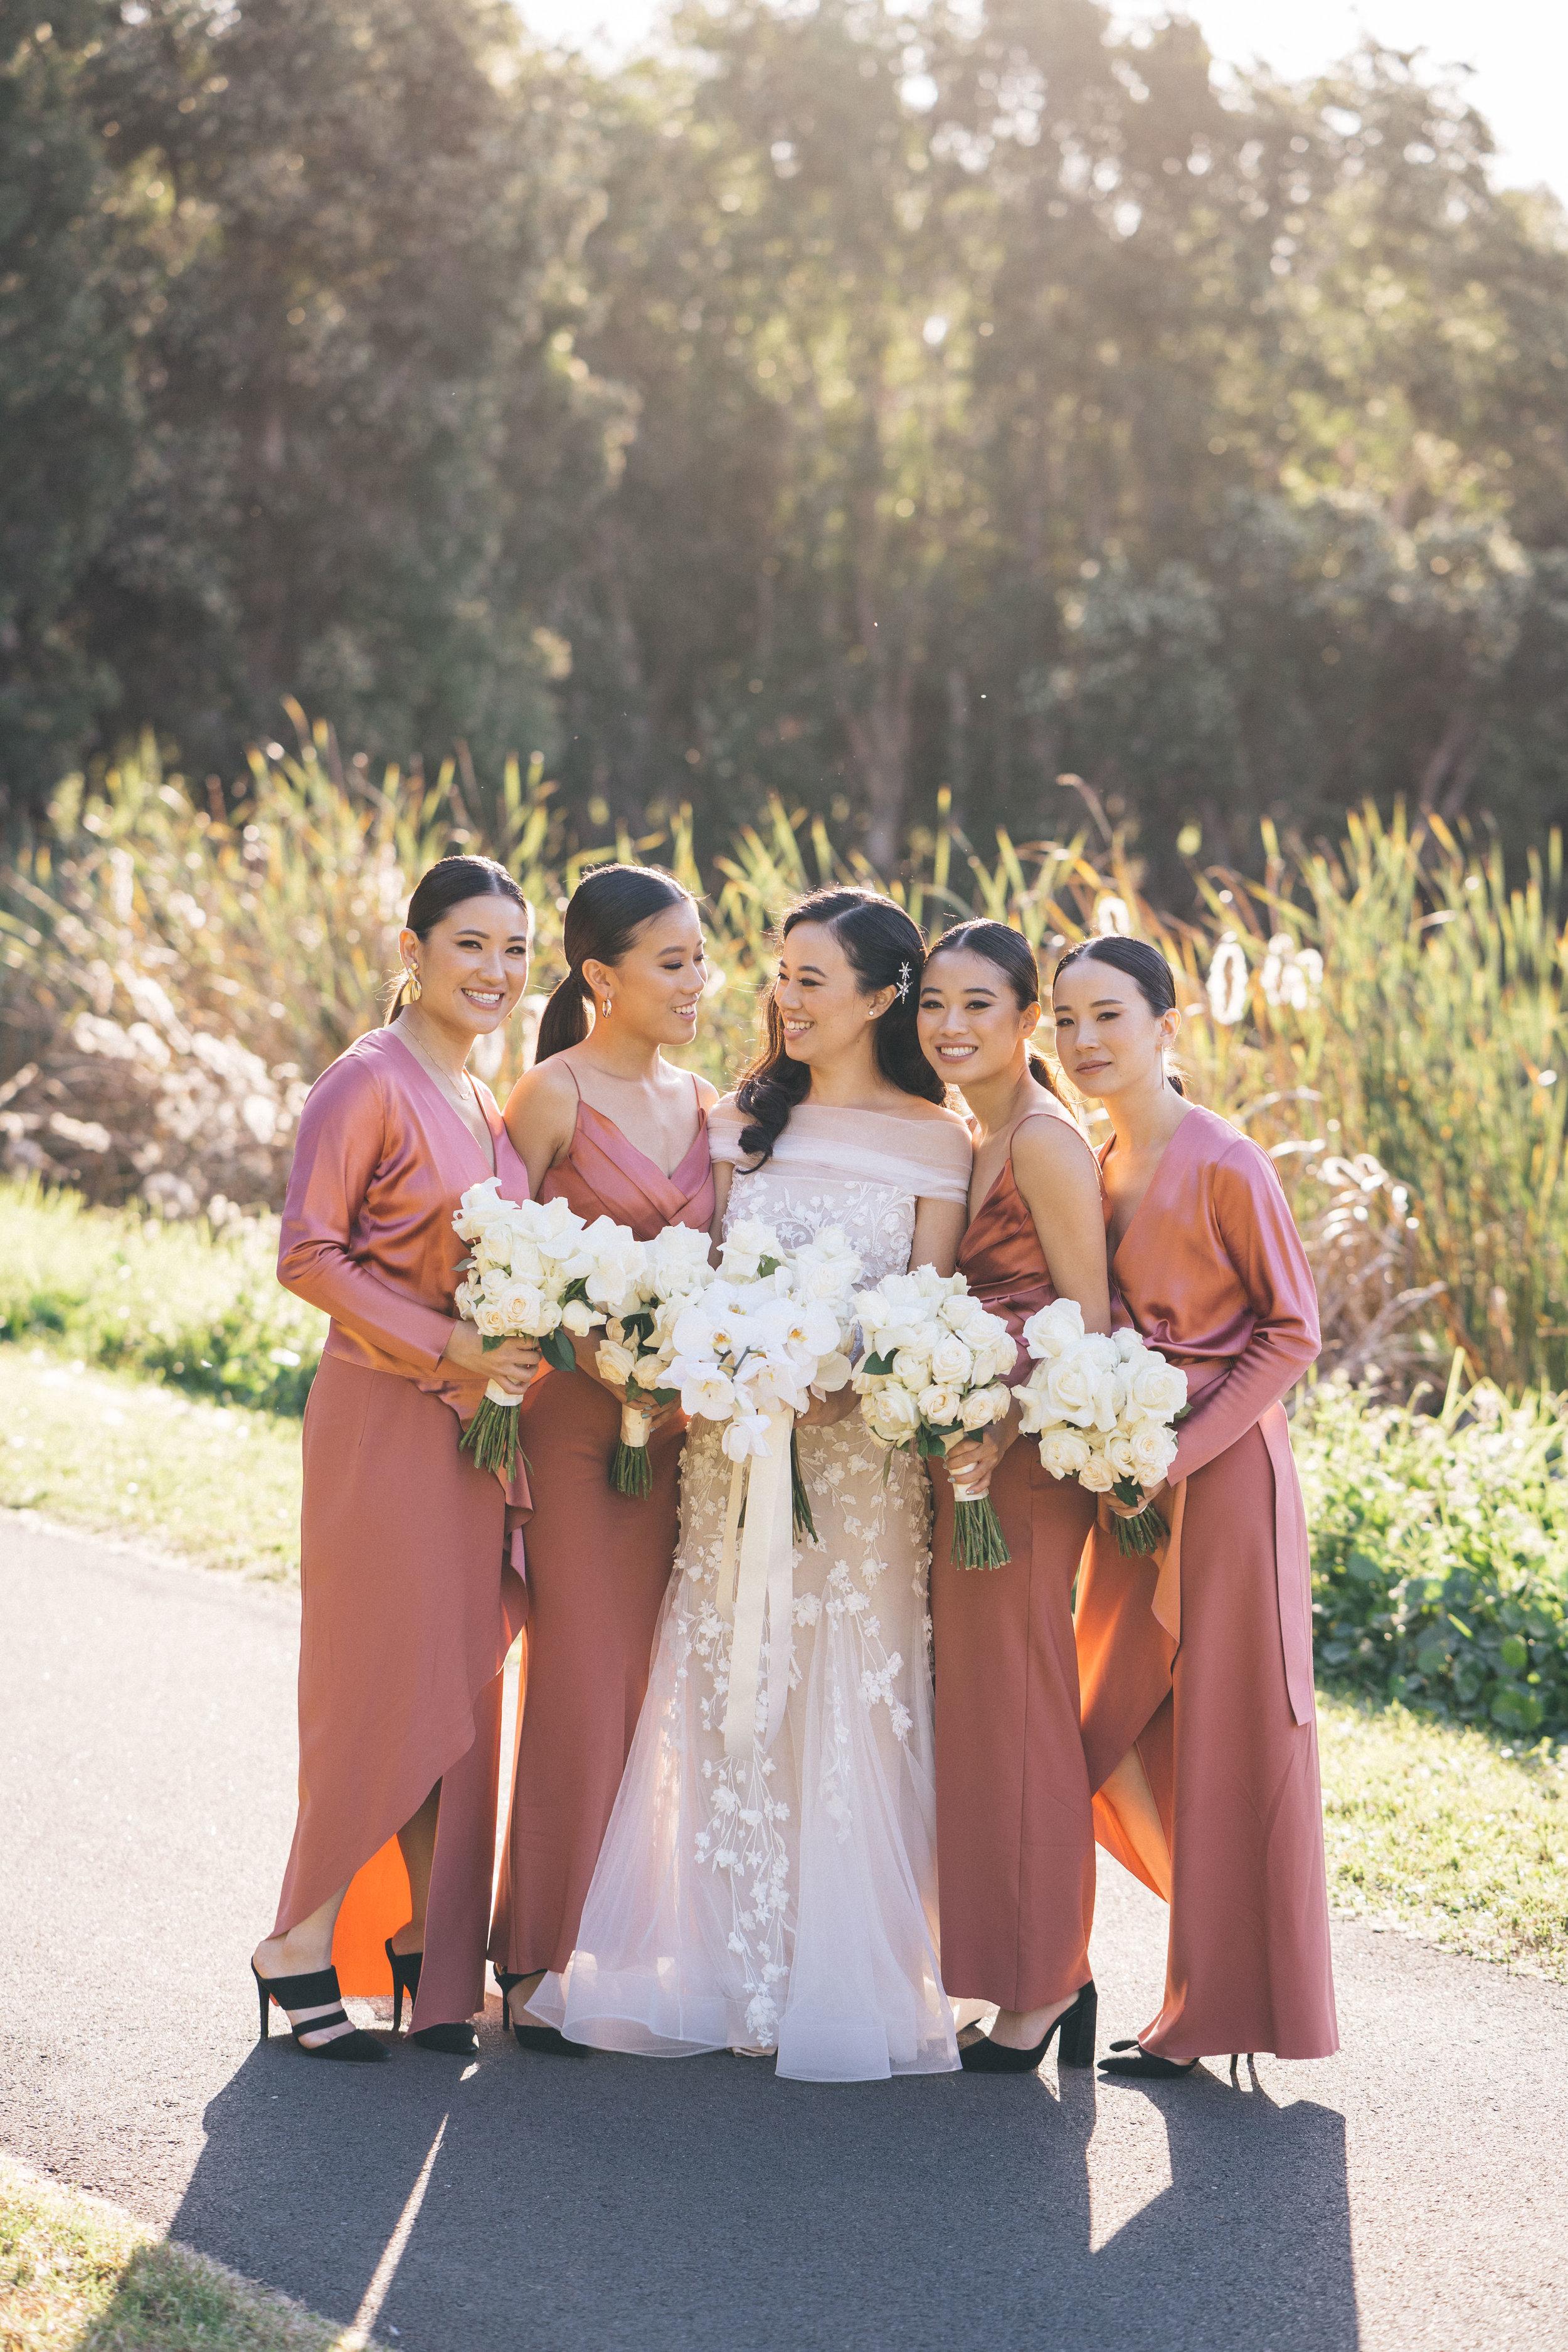 Annabelle-Phong-Wedding-HI-RES-0449.jpg